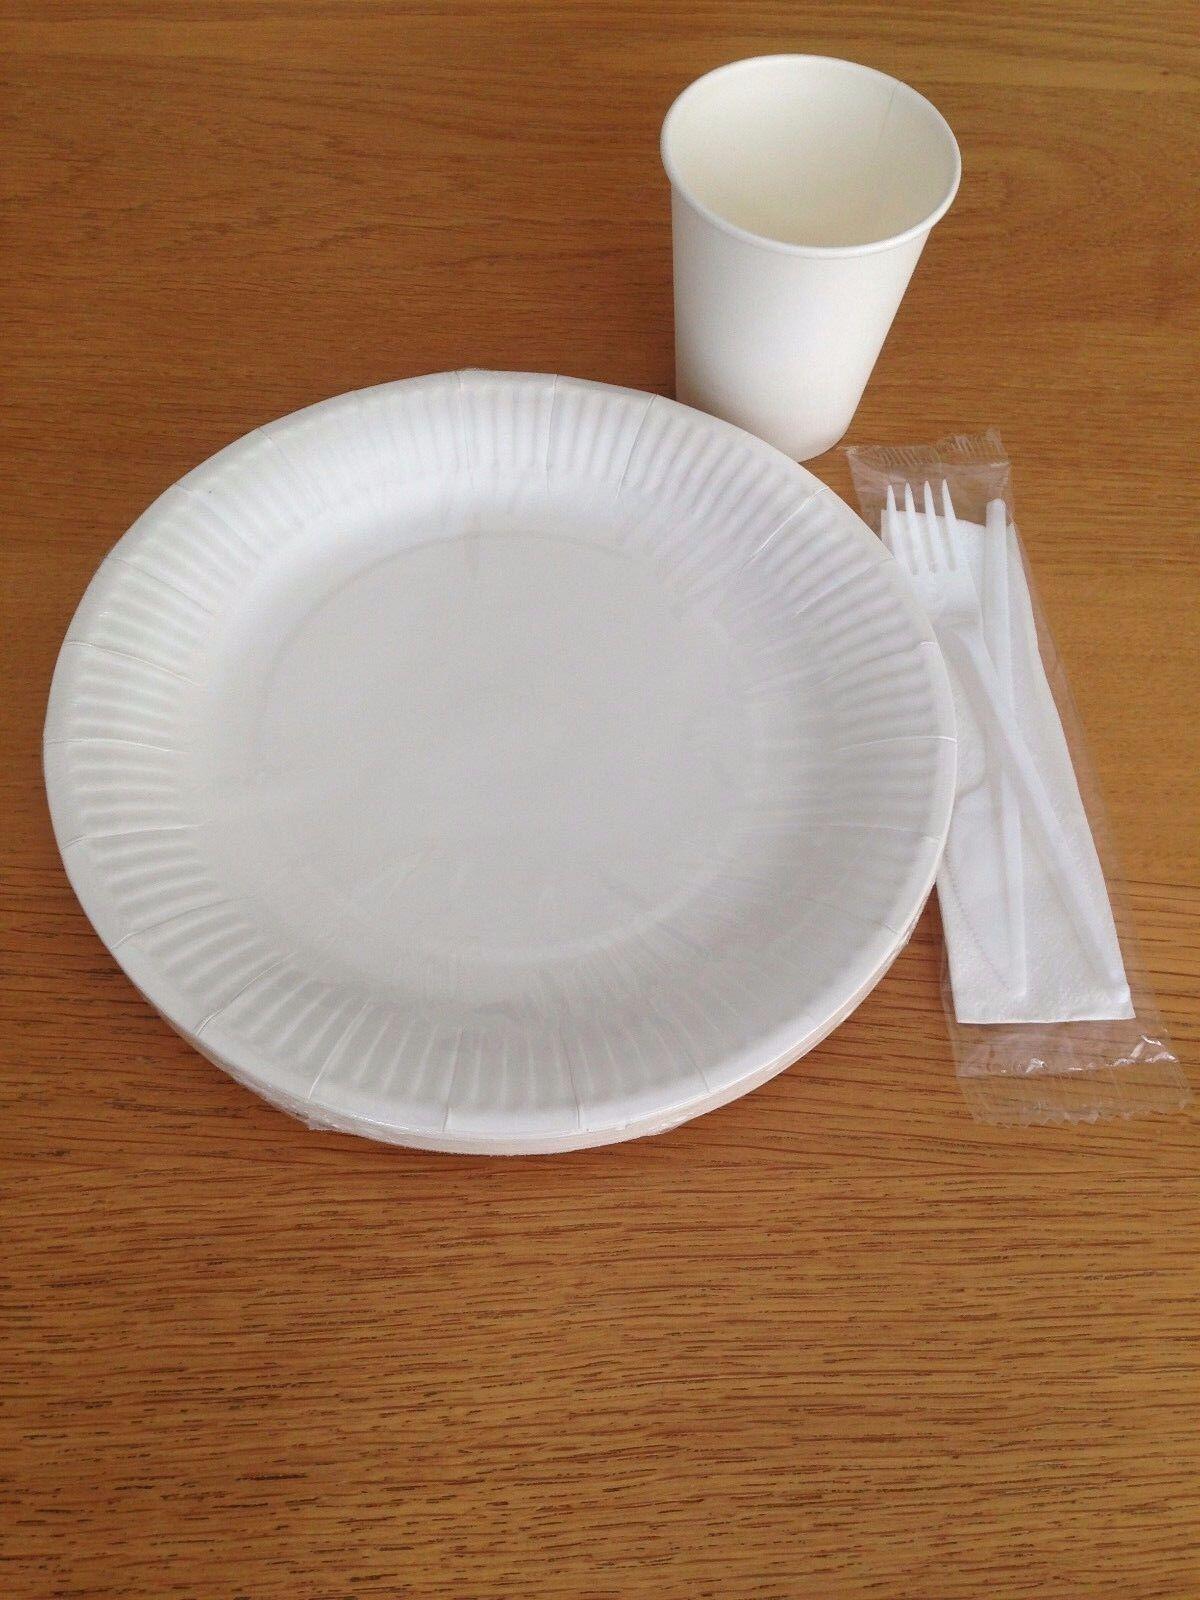 Lot de jetables papier 8 oz (environ 226.79 plaques g) Tasses Blanc 7 in (environ 17.78 cm) plaques 226.79 fourchette couteau Vaisselle Fête cd370f